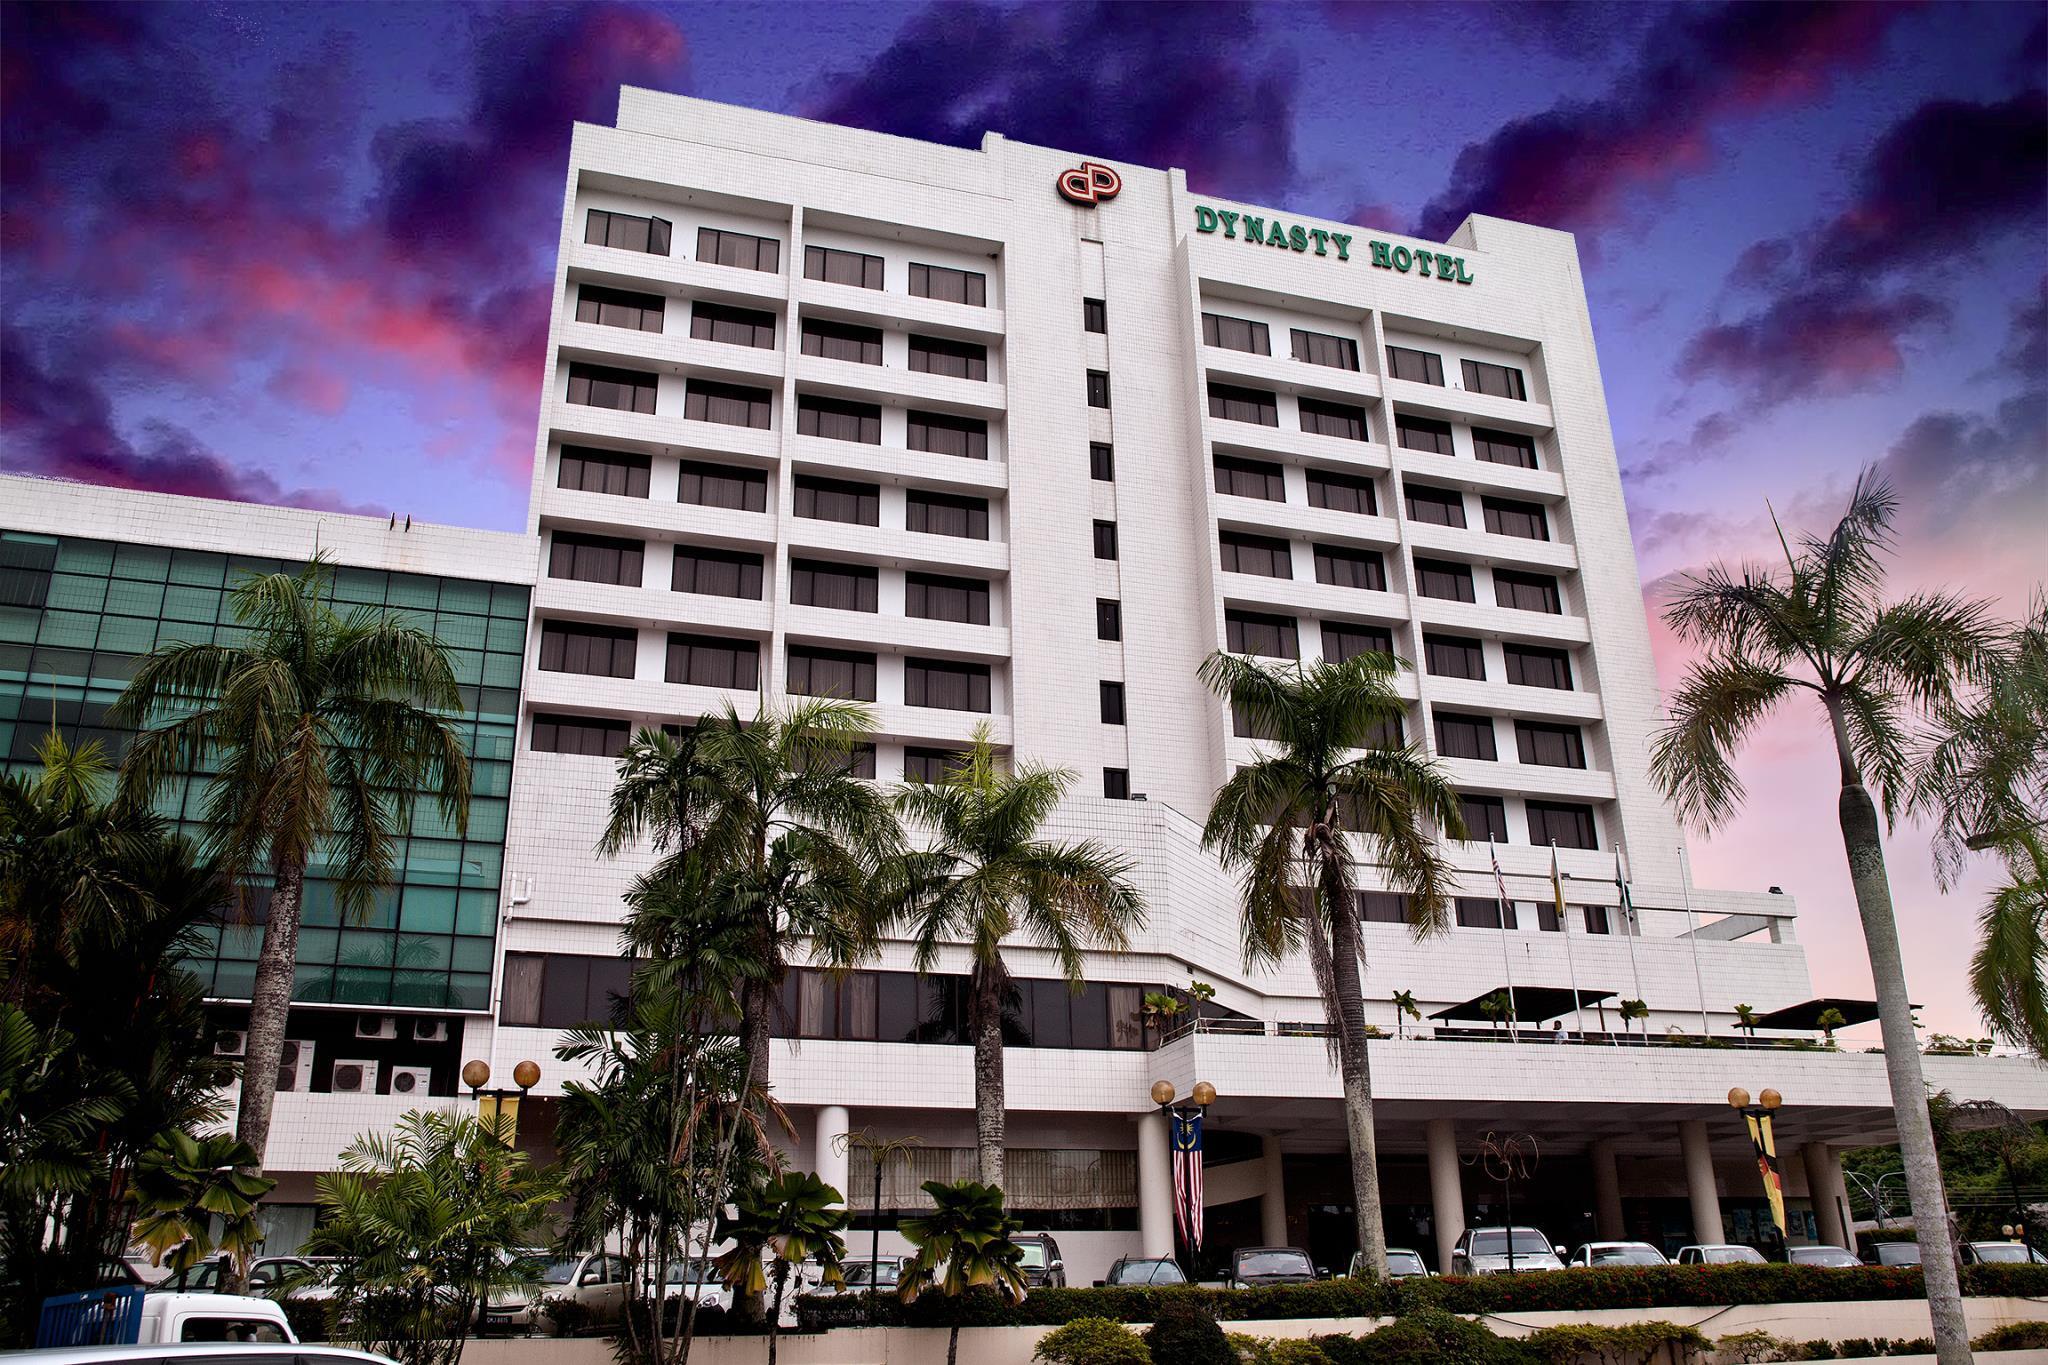 dynasty-hotel-1